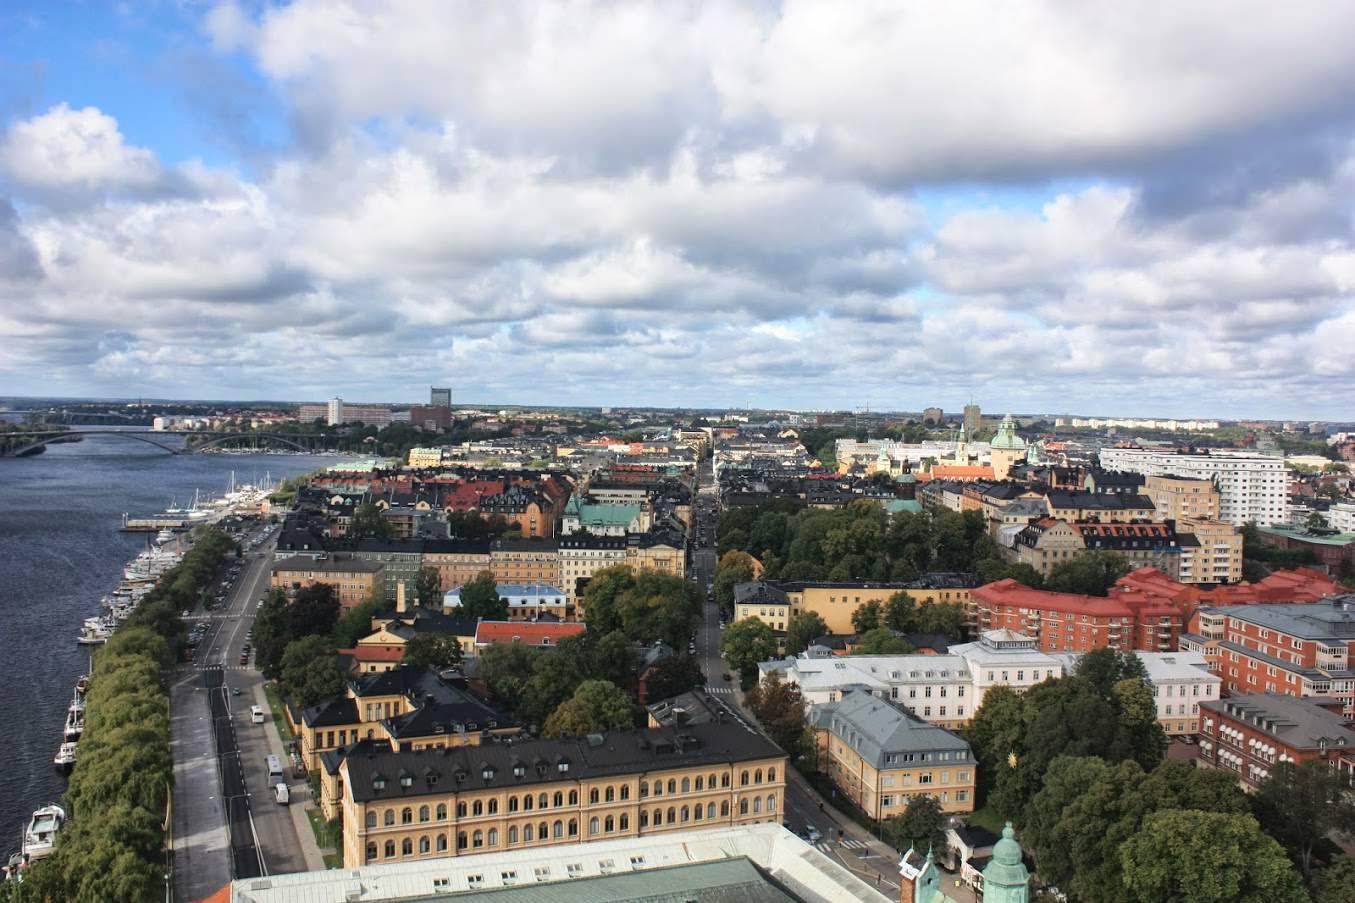 北歐 | 瑞典: 斯德哥爾摩,北歐威尼斯美譽之城,Day7